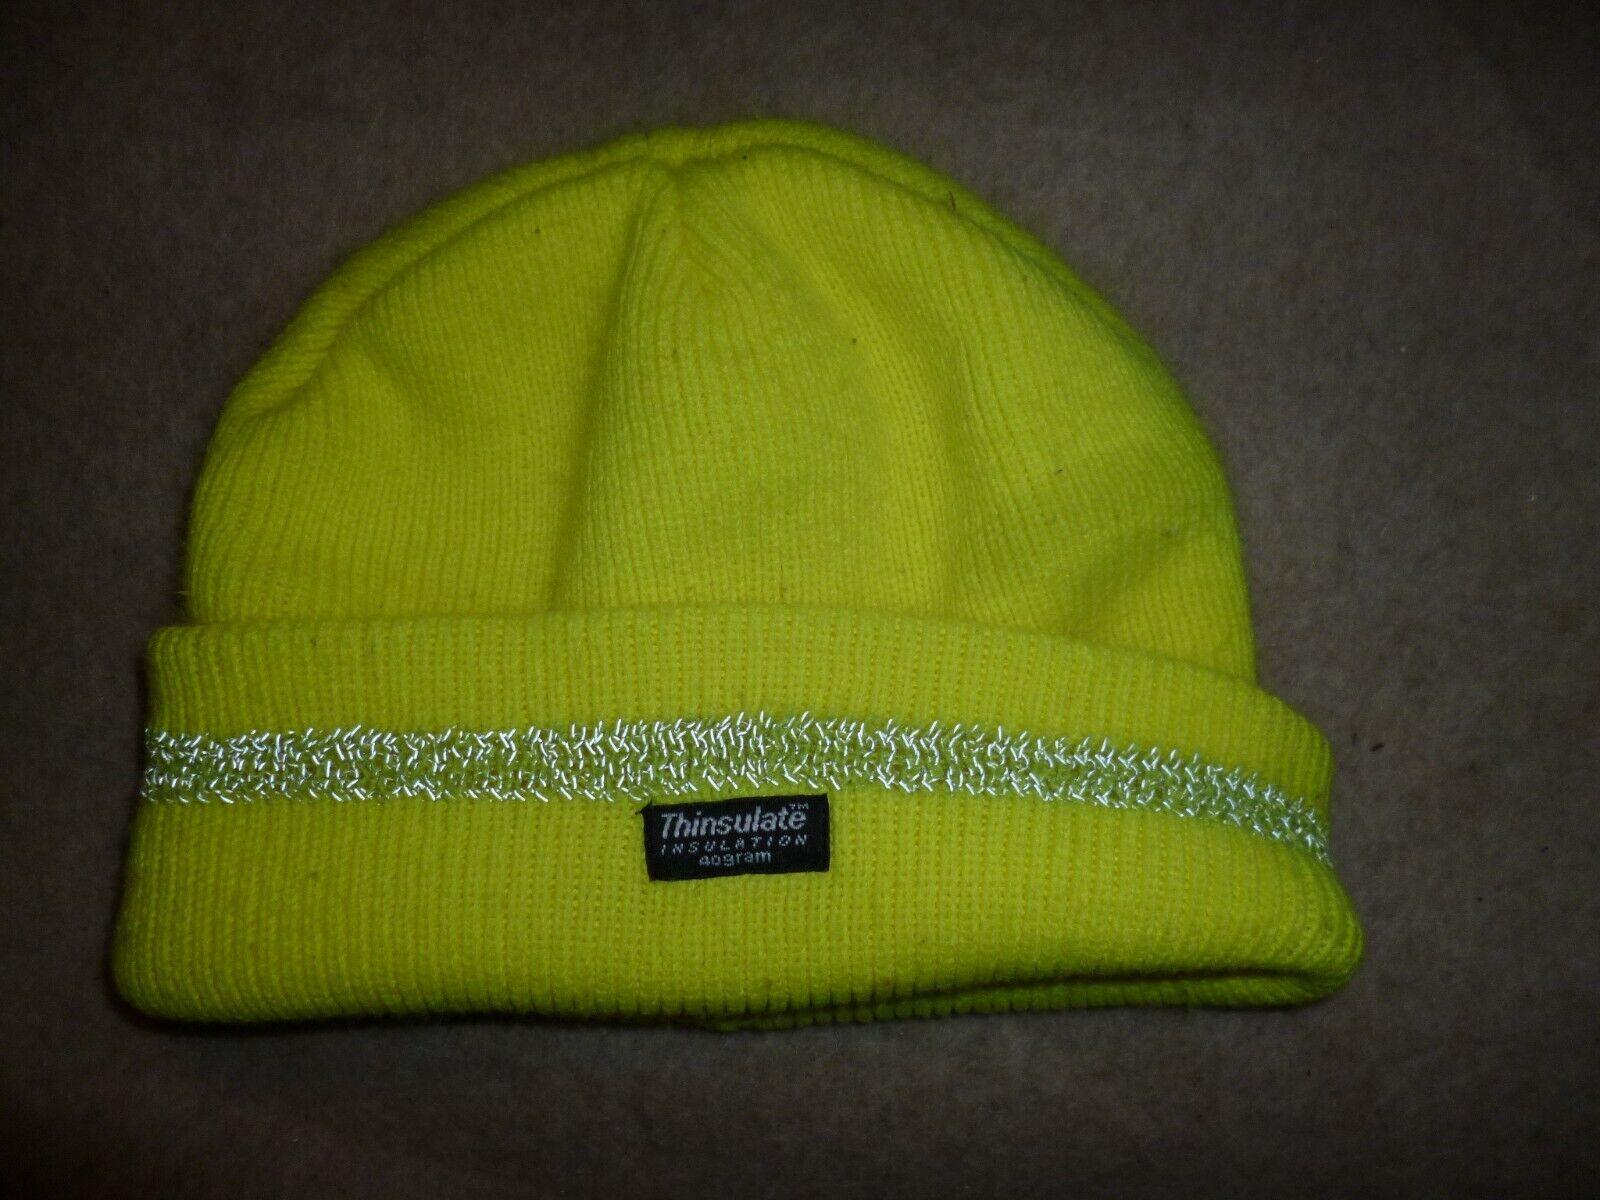 Gelbe Neon Mütze Herren 40gram, Thinsulate Insulation, Reflektband